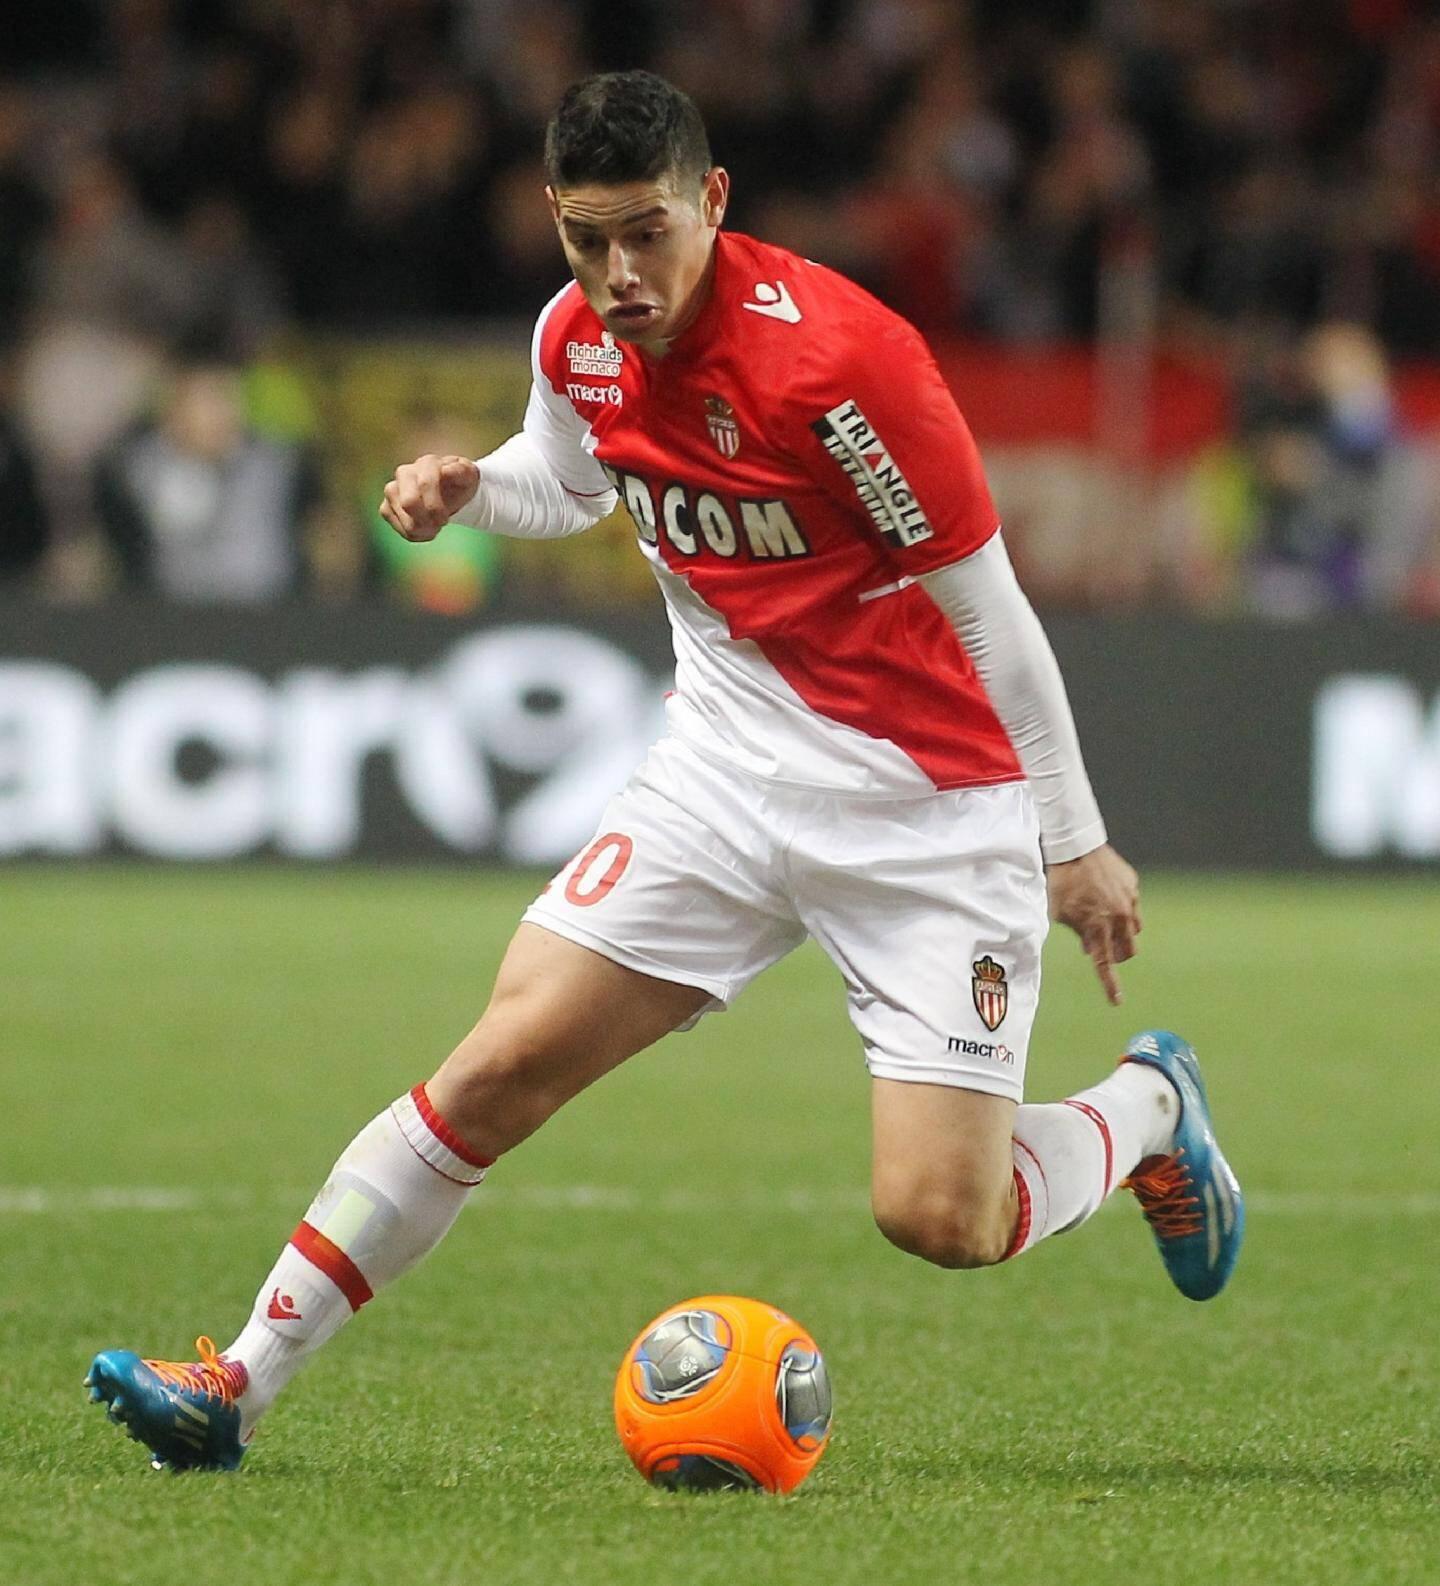 """James Rodriguez: cinq buts et neuf passes à son actif. L'artiste est un joueur """"concret, efficace et pas égoïste"""", souligne Claudio Ranieri."""